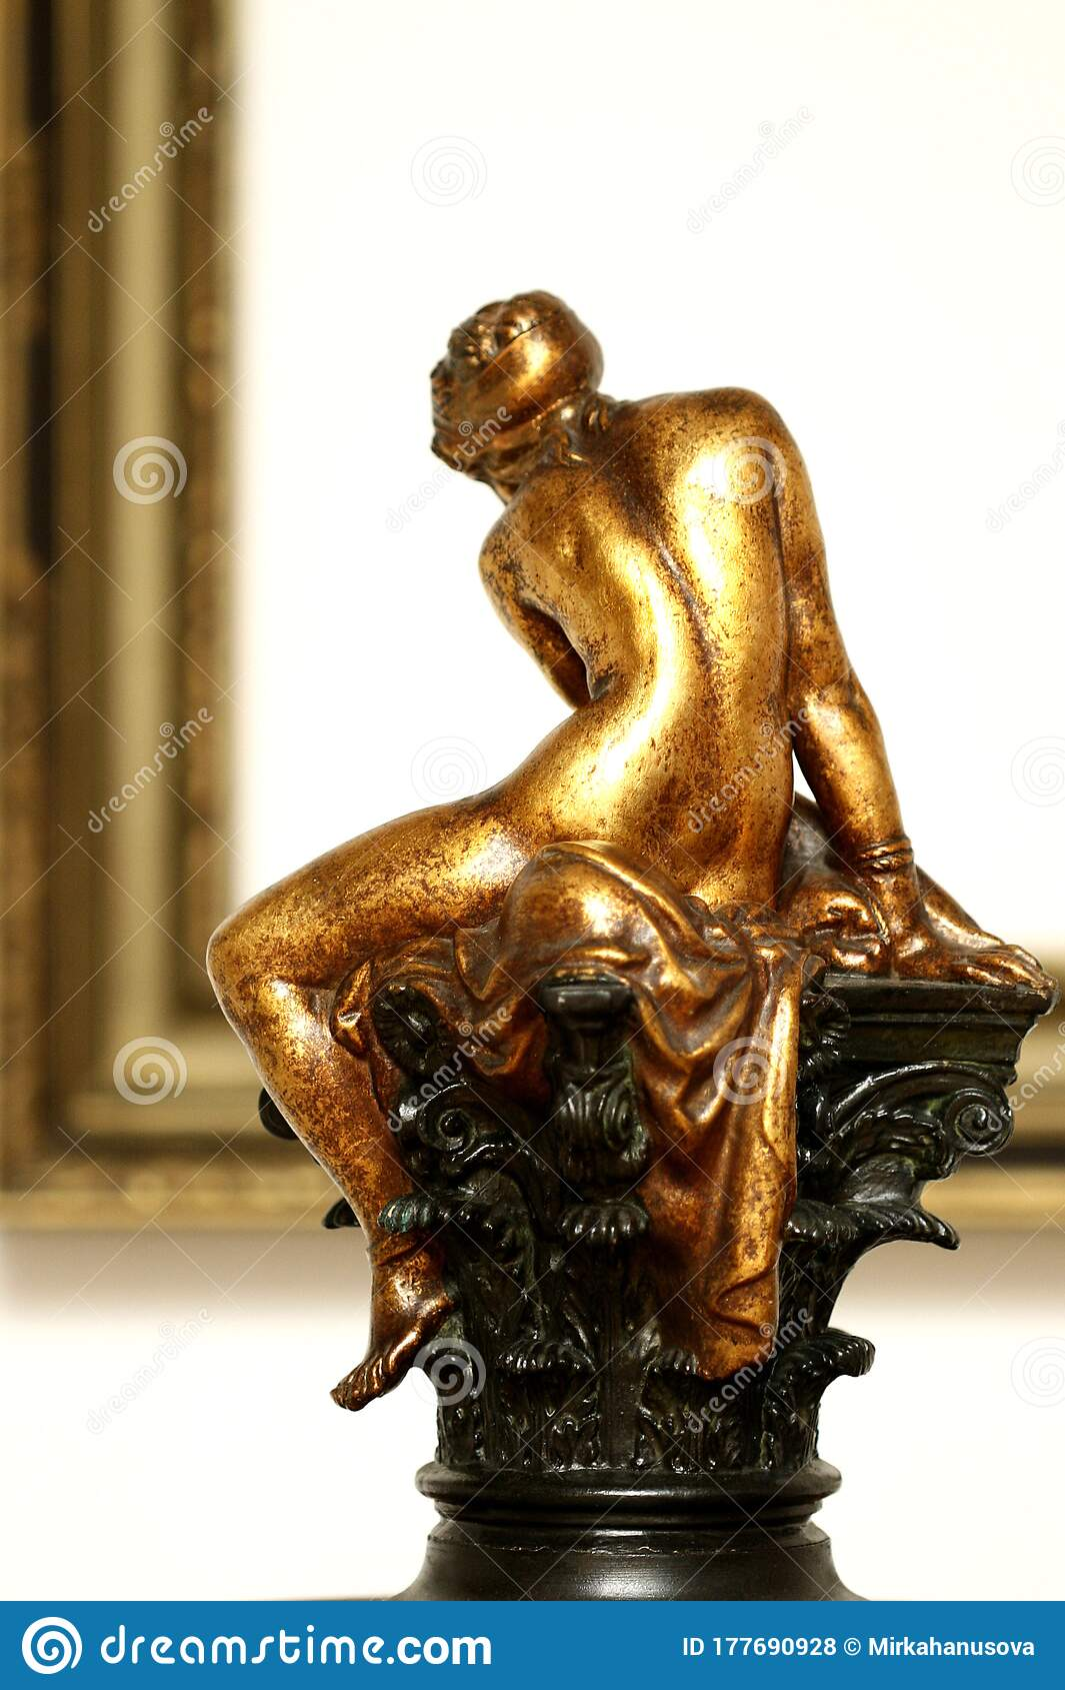 Godess nude Nude Woman